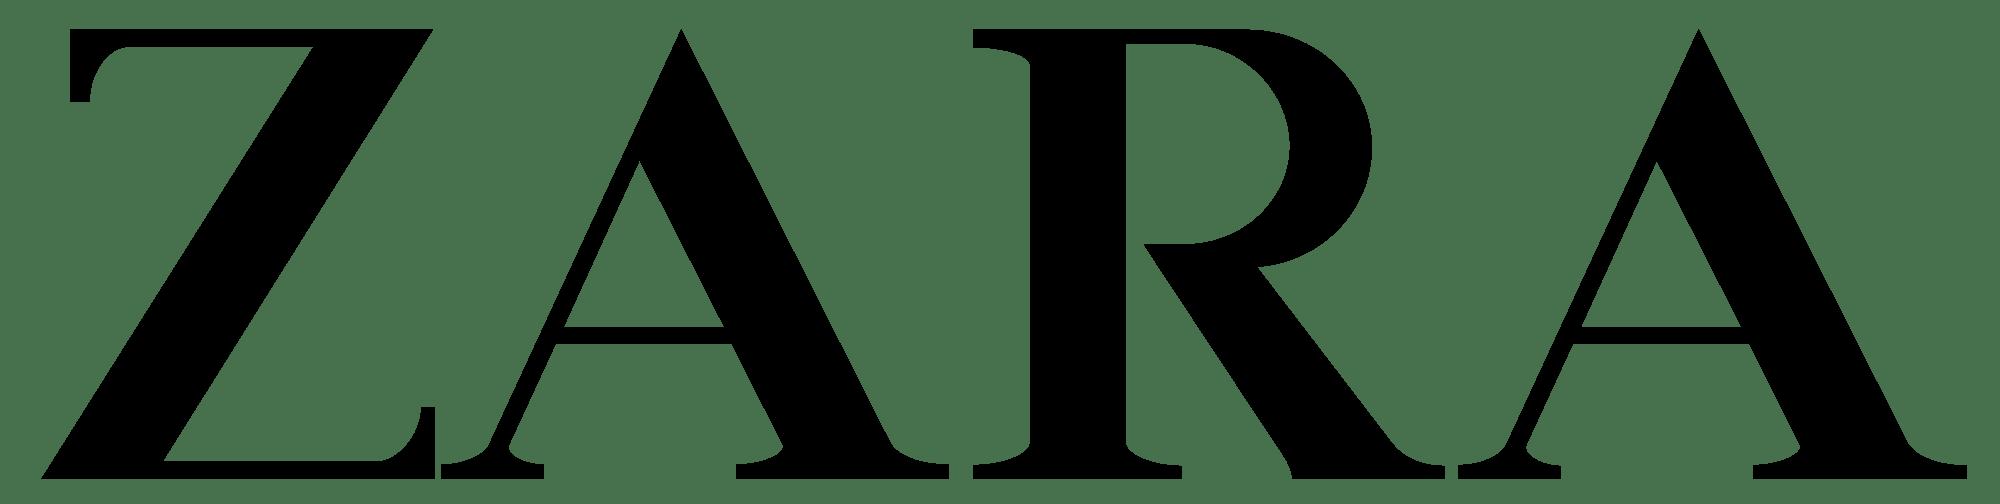 impianti filtri fumo portfolio logo (8)